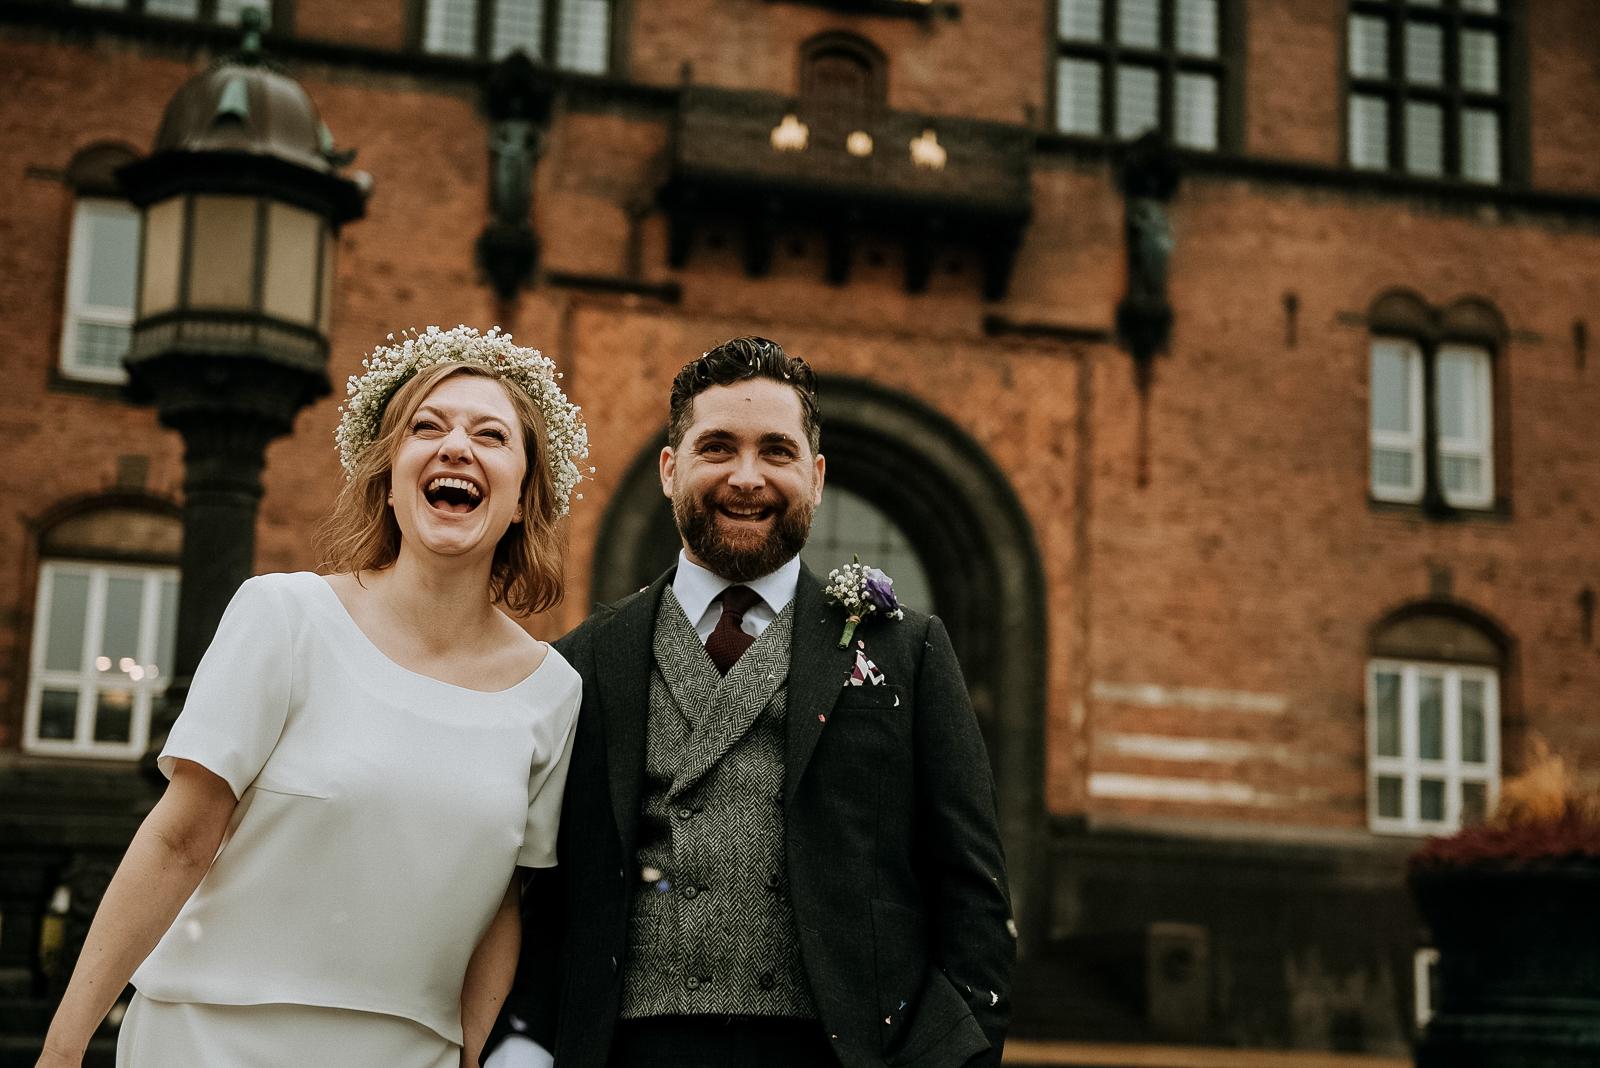 Fotograf til bryllup i København